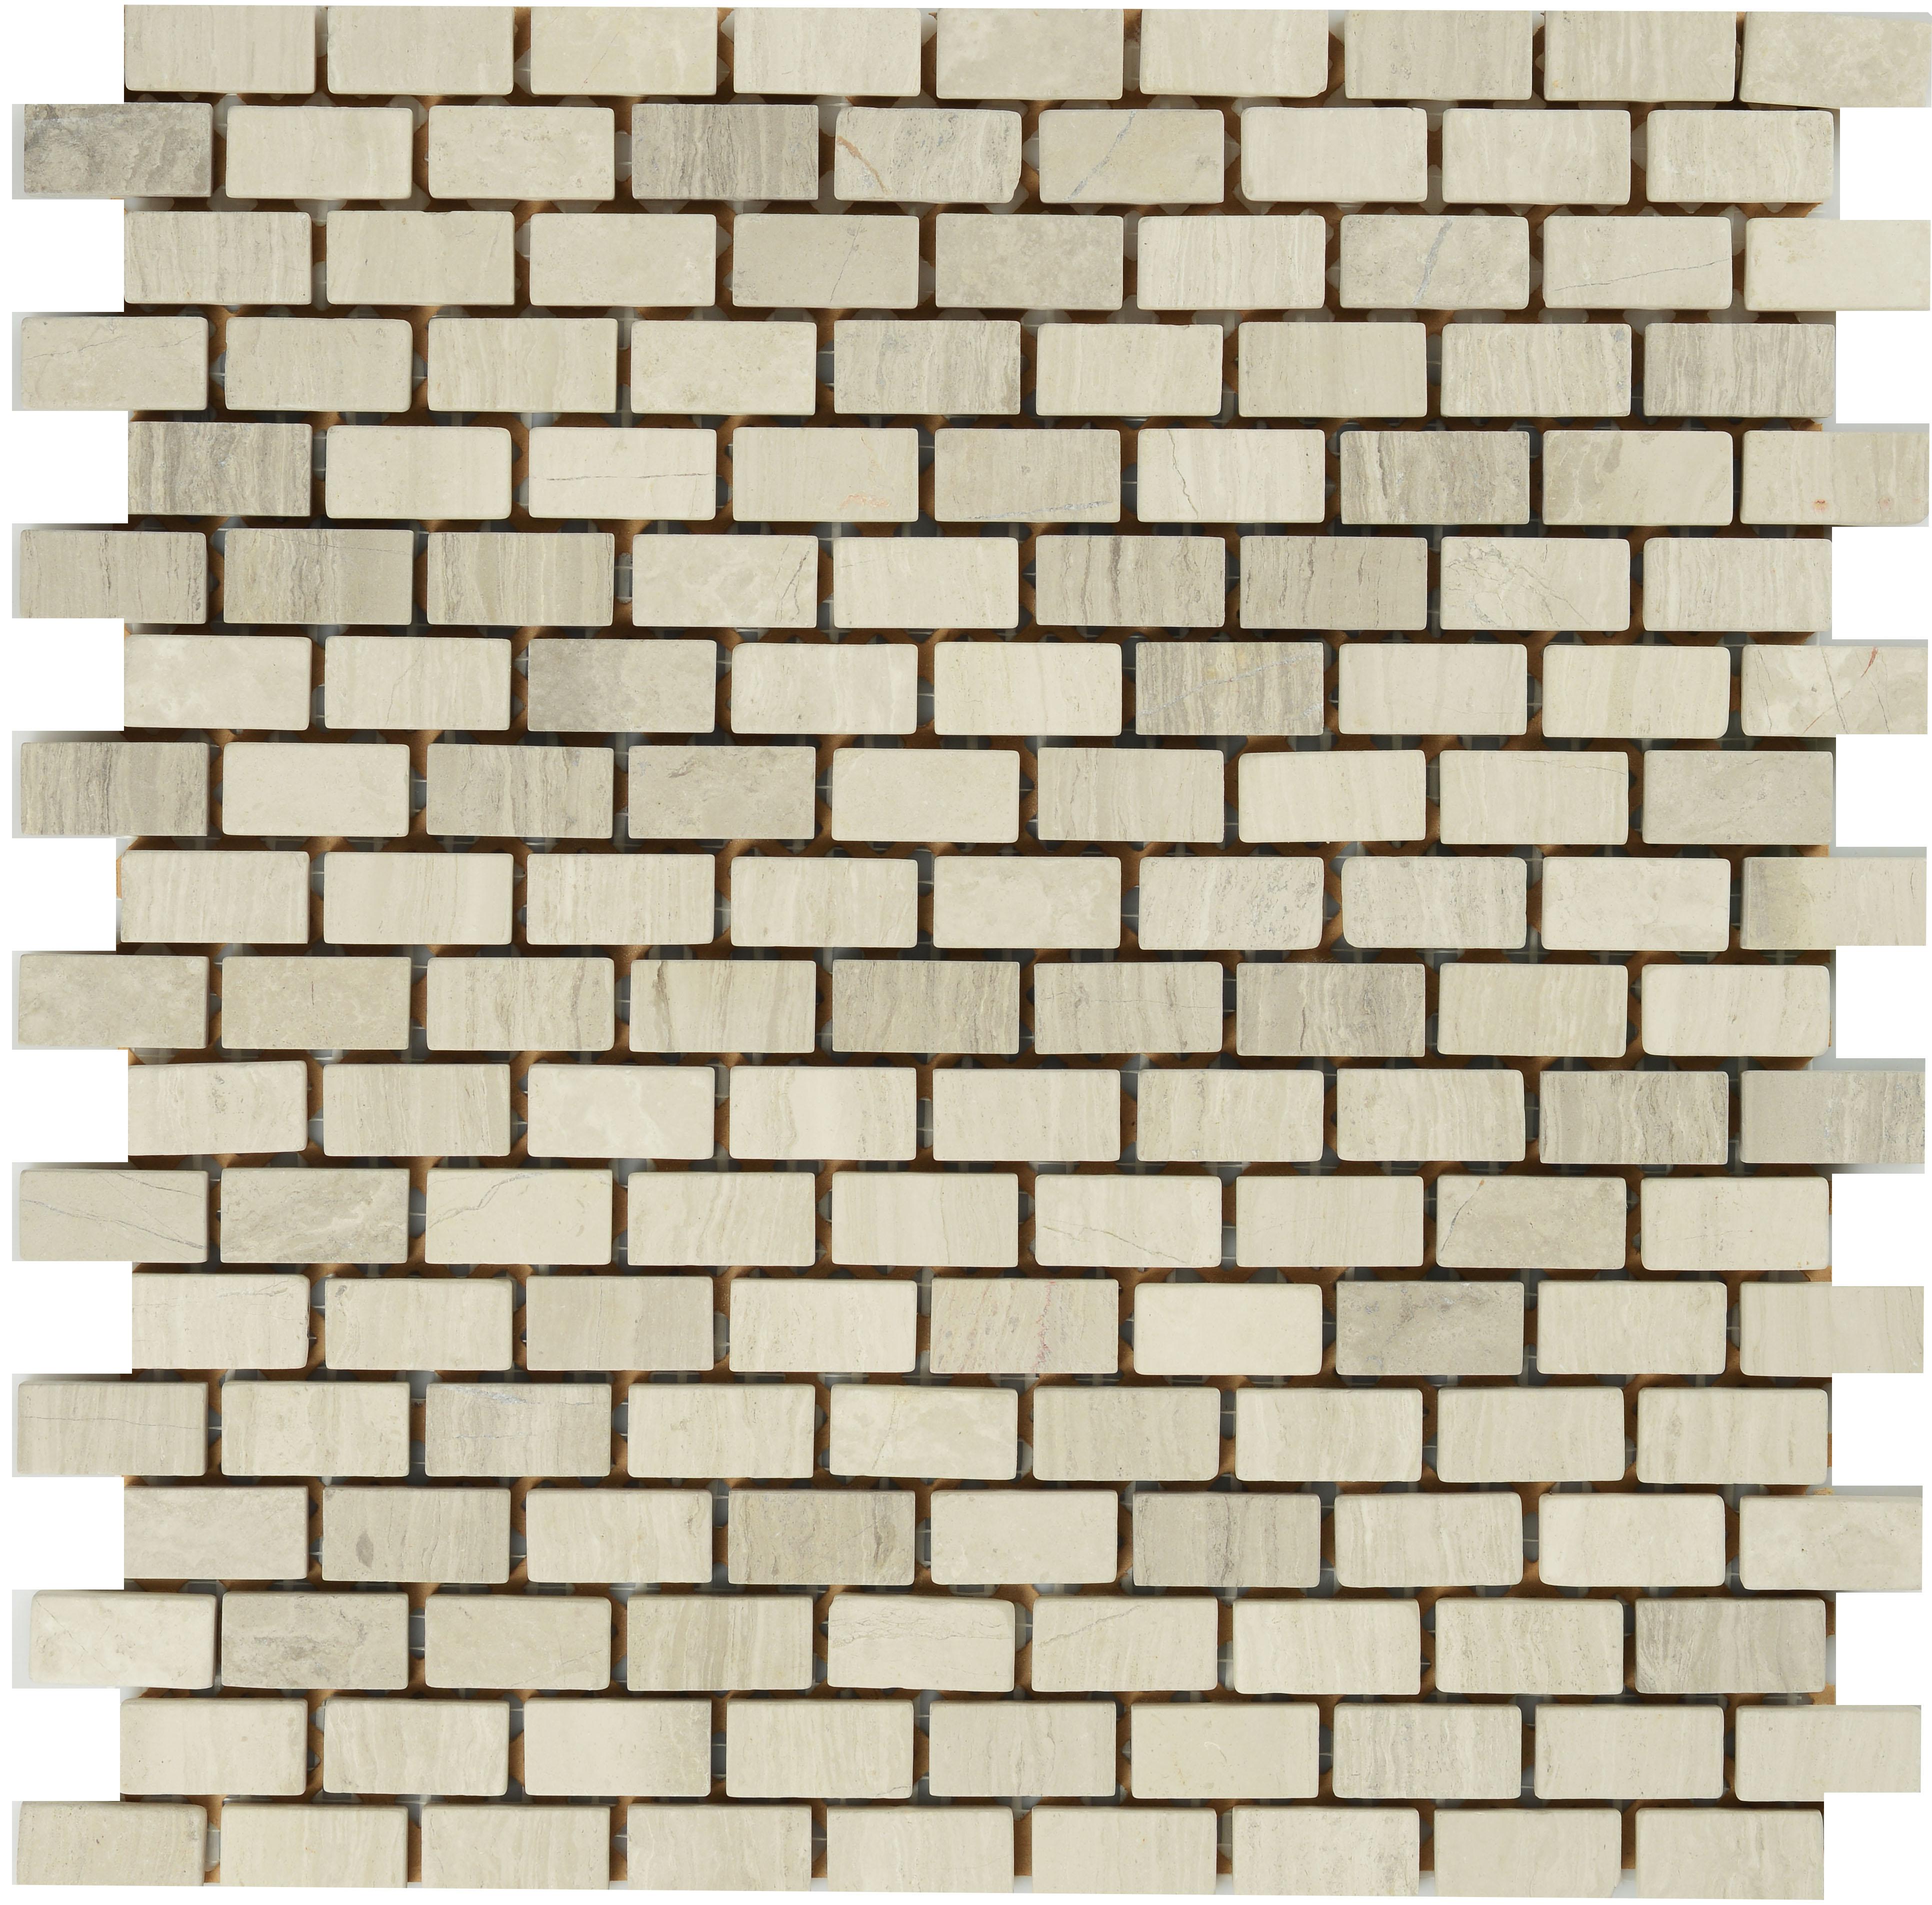 Мозаика MN160SMBS Primacolore 15х30/300х300 - 1.35 мозаика primacolore marmo mn174slc 4 8x4 8 30x30